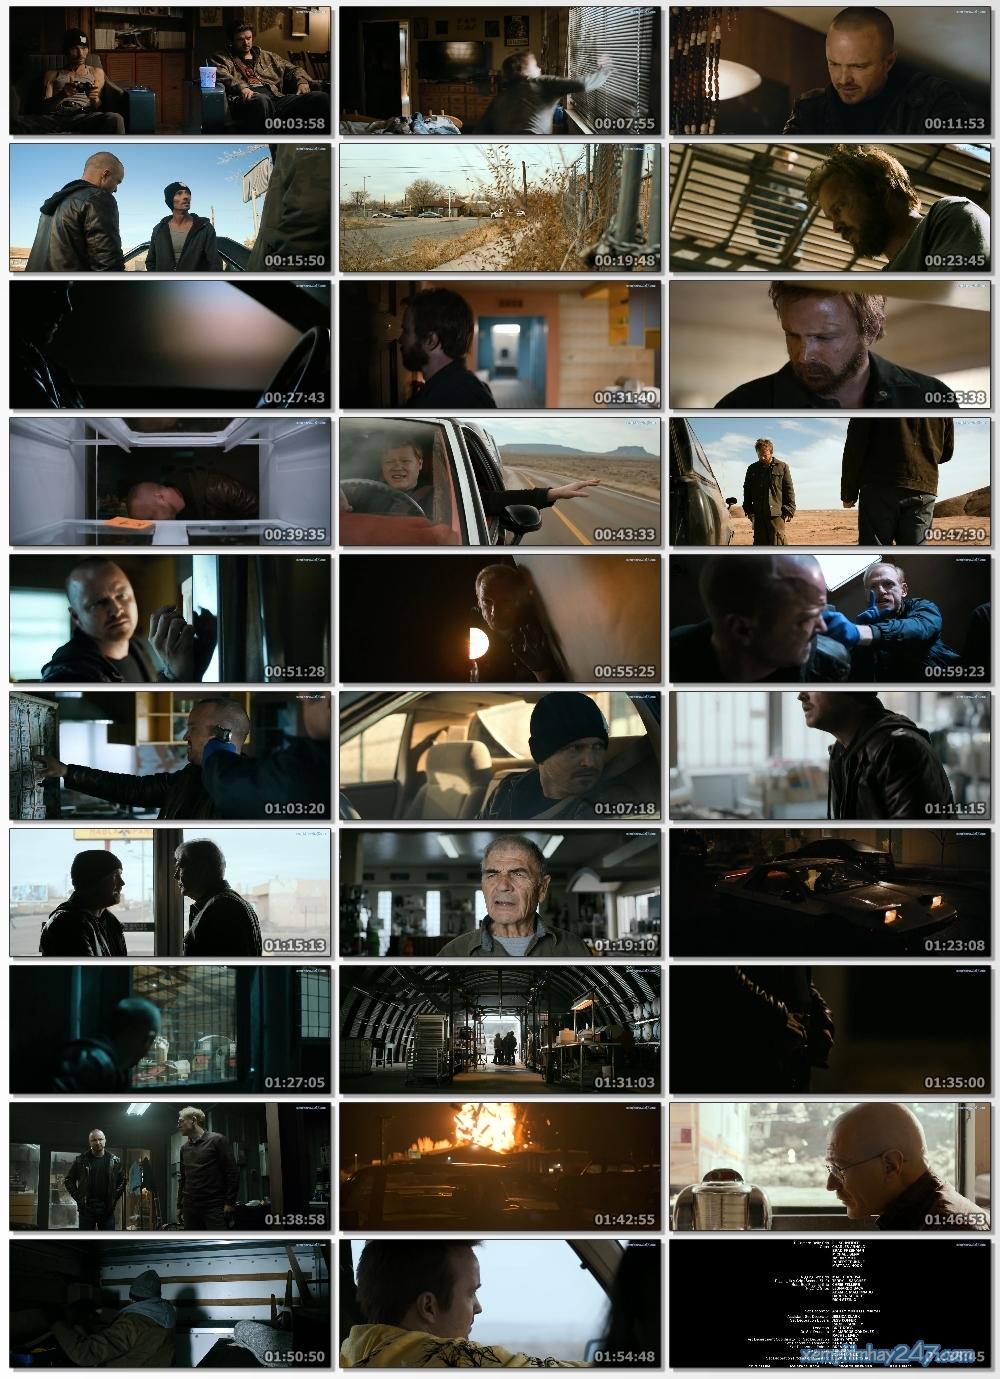 http://xemphimhay247.com - Xem phim hay 247 - El Camino: Tập Làm Người Xấu (2019) - El Camino: A Breaking Bad Movie (2019)